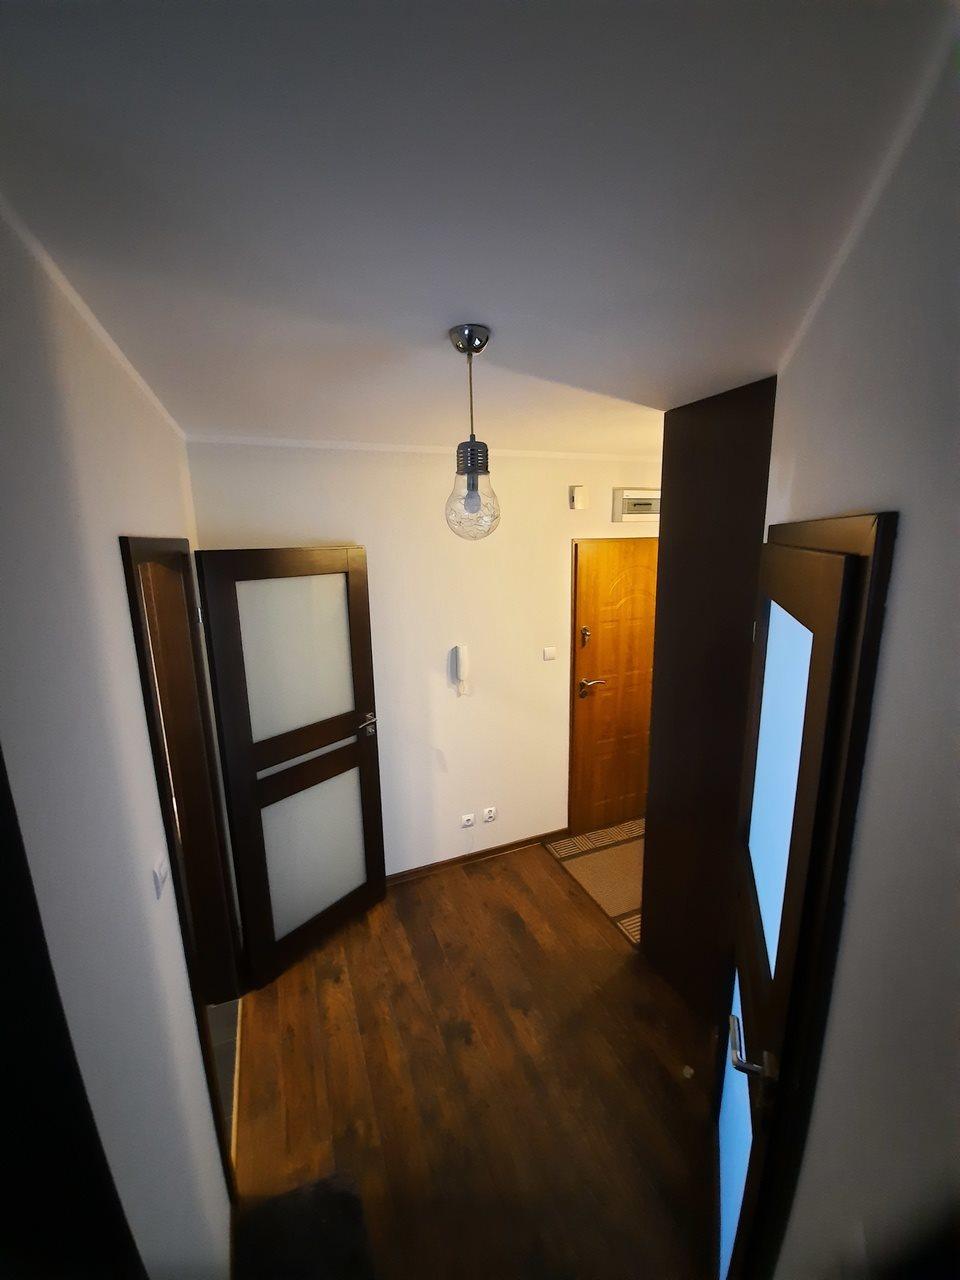 Mieszkanie dwupokojowe na sprzedaż Iława, ostródzkie, ostródzka 56  47m2 Foto 5